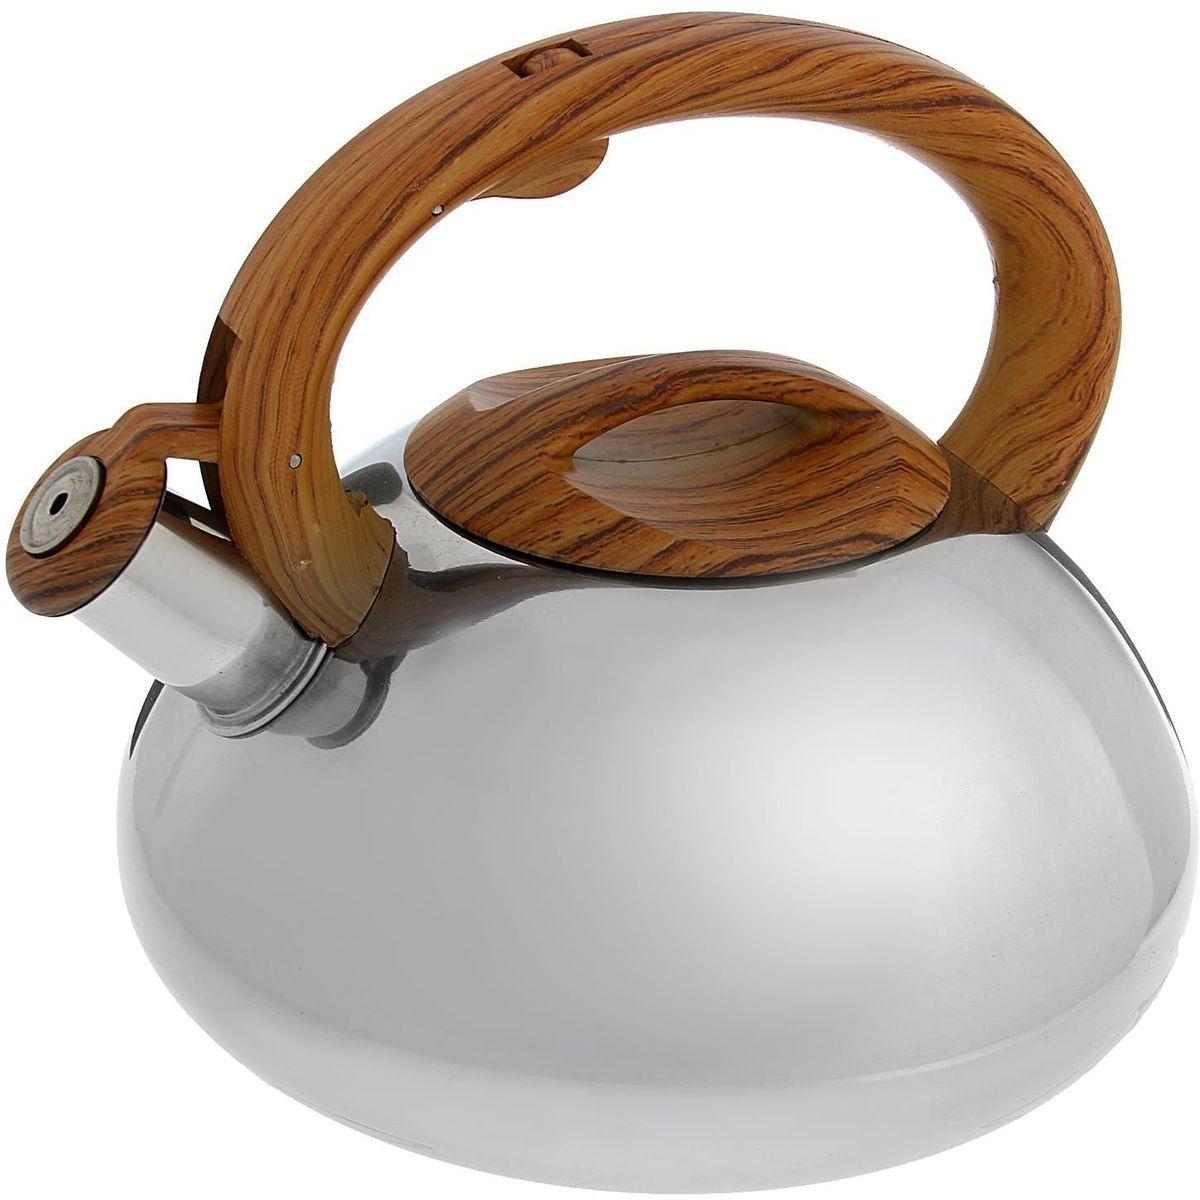 Чайник Доляна Квант, со свистком, цвет: коричневый, стальной, 2,8 лVT-1520(SR)Чайник Доляна Квант выполнен из высококачественной нержавеющей стали. Материал изделия отличается неприхотливостью в уходе, безукоризненной функциональностью, гигиеничностью и стойкостью к коррозии. Чайники из нержавеющей стали абсолютно безопасны для здоровья человека. Благодаря низкой теплопроводности и оптимальному соотношению дна и стенок вода дольше остается горячей, а качественное дно гарантирует быстрый нагрев. Чайник при кипячении сохраняет все полезные свойства воды. Чайник снабжен фиксированной ручкой из пластика с рисунком под дерево. Удобная ручка не нагревается, и поэтому вероятность ожогов сводится к минимуму. Свисток на носике чайника громко оповестит, когда закипела вода. Свисток открывается нажатием кнопки на рукоятке. Подходит для газовых, электрических, стеклокерамических, галогеновых, индукционных плит. Рекомендуется ручная мойка.